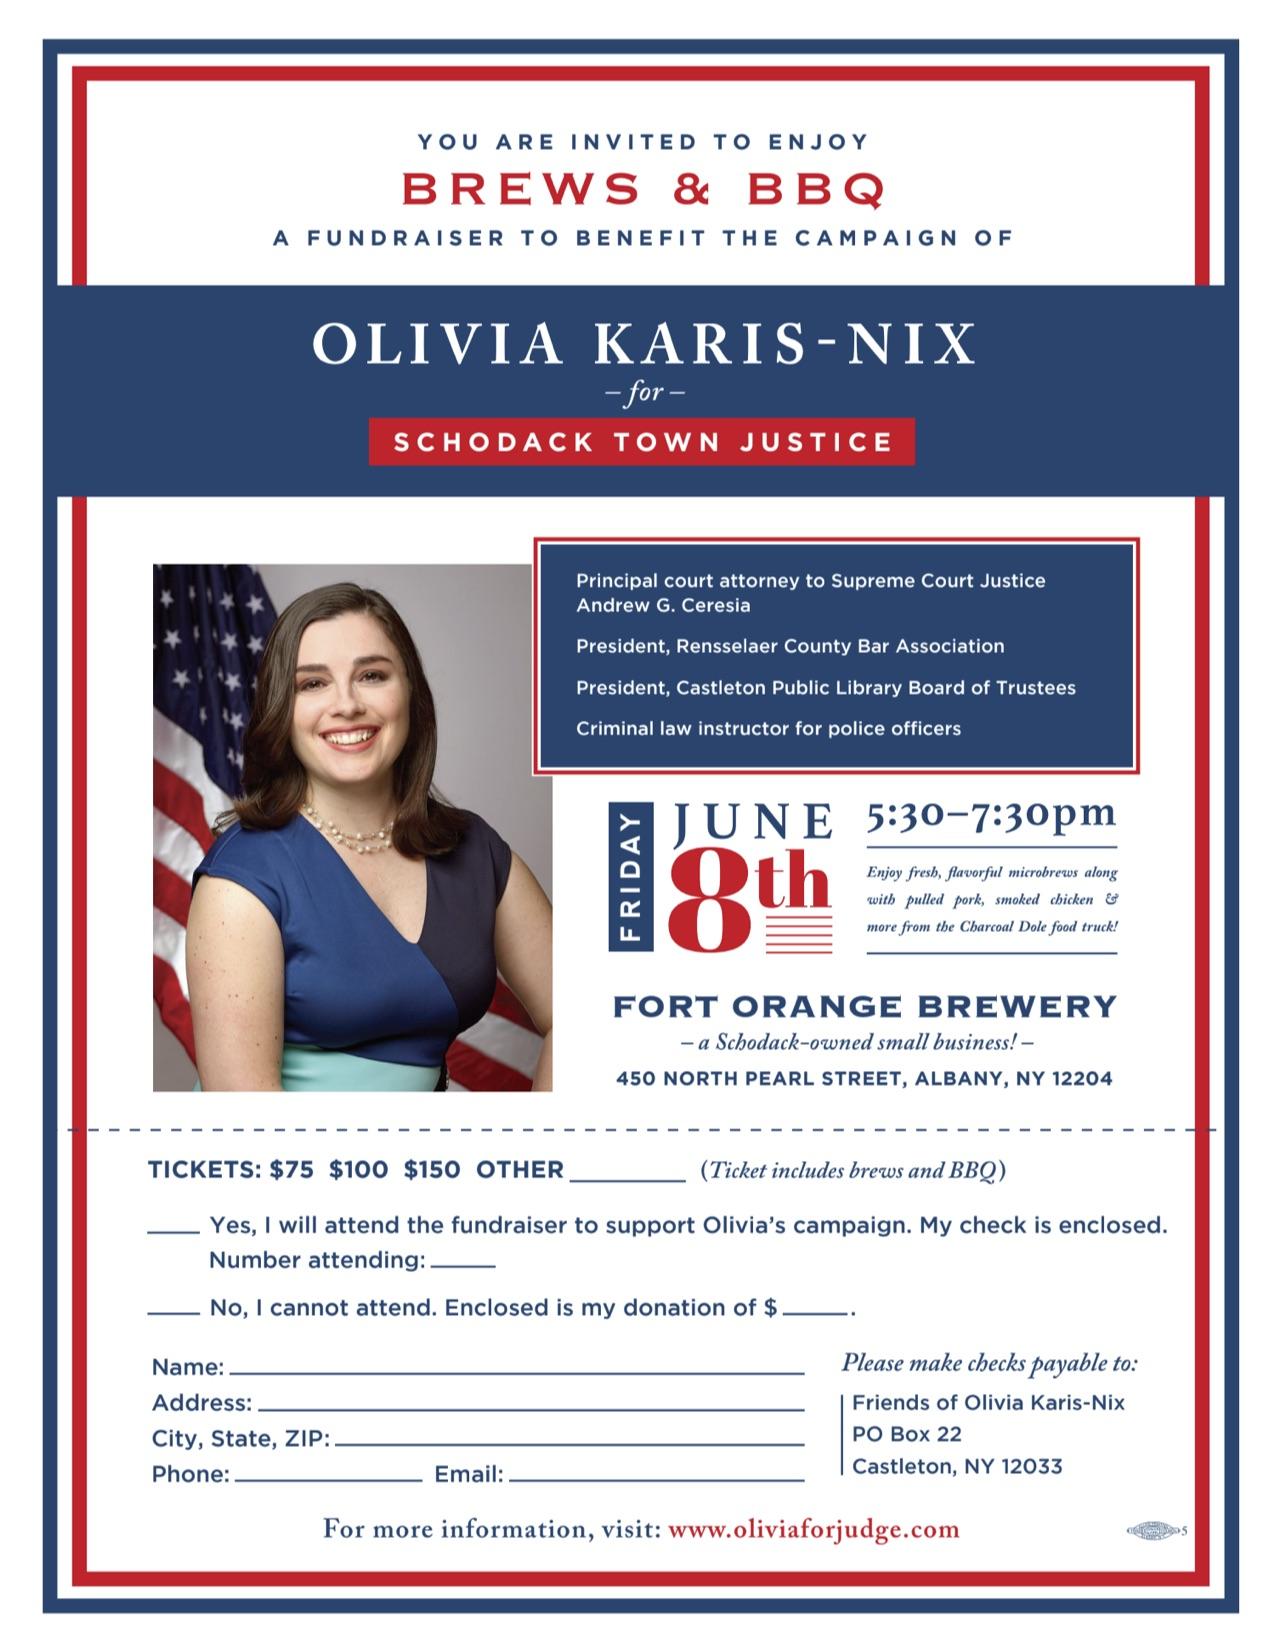 Olivia Karis-Nix June 8 invitation.jpg